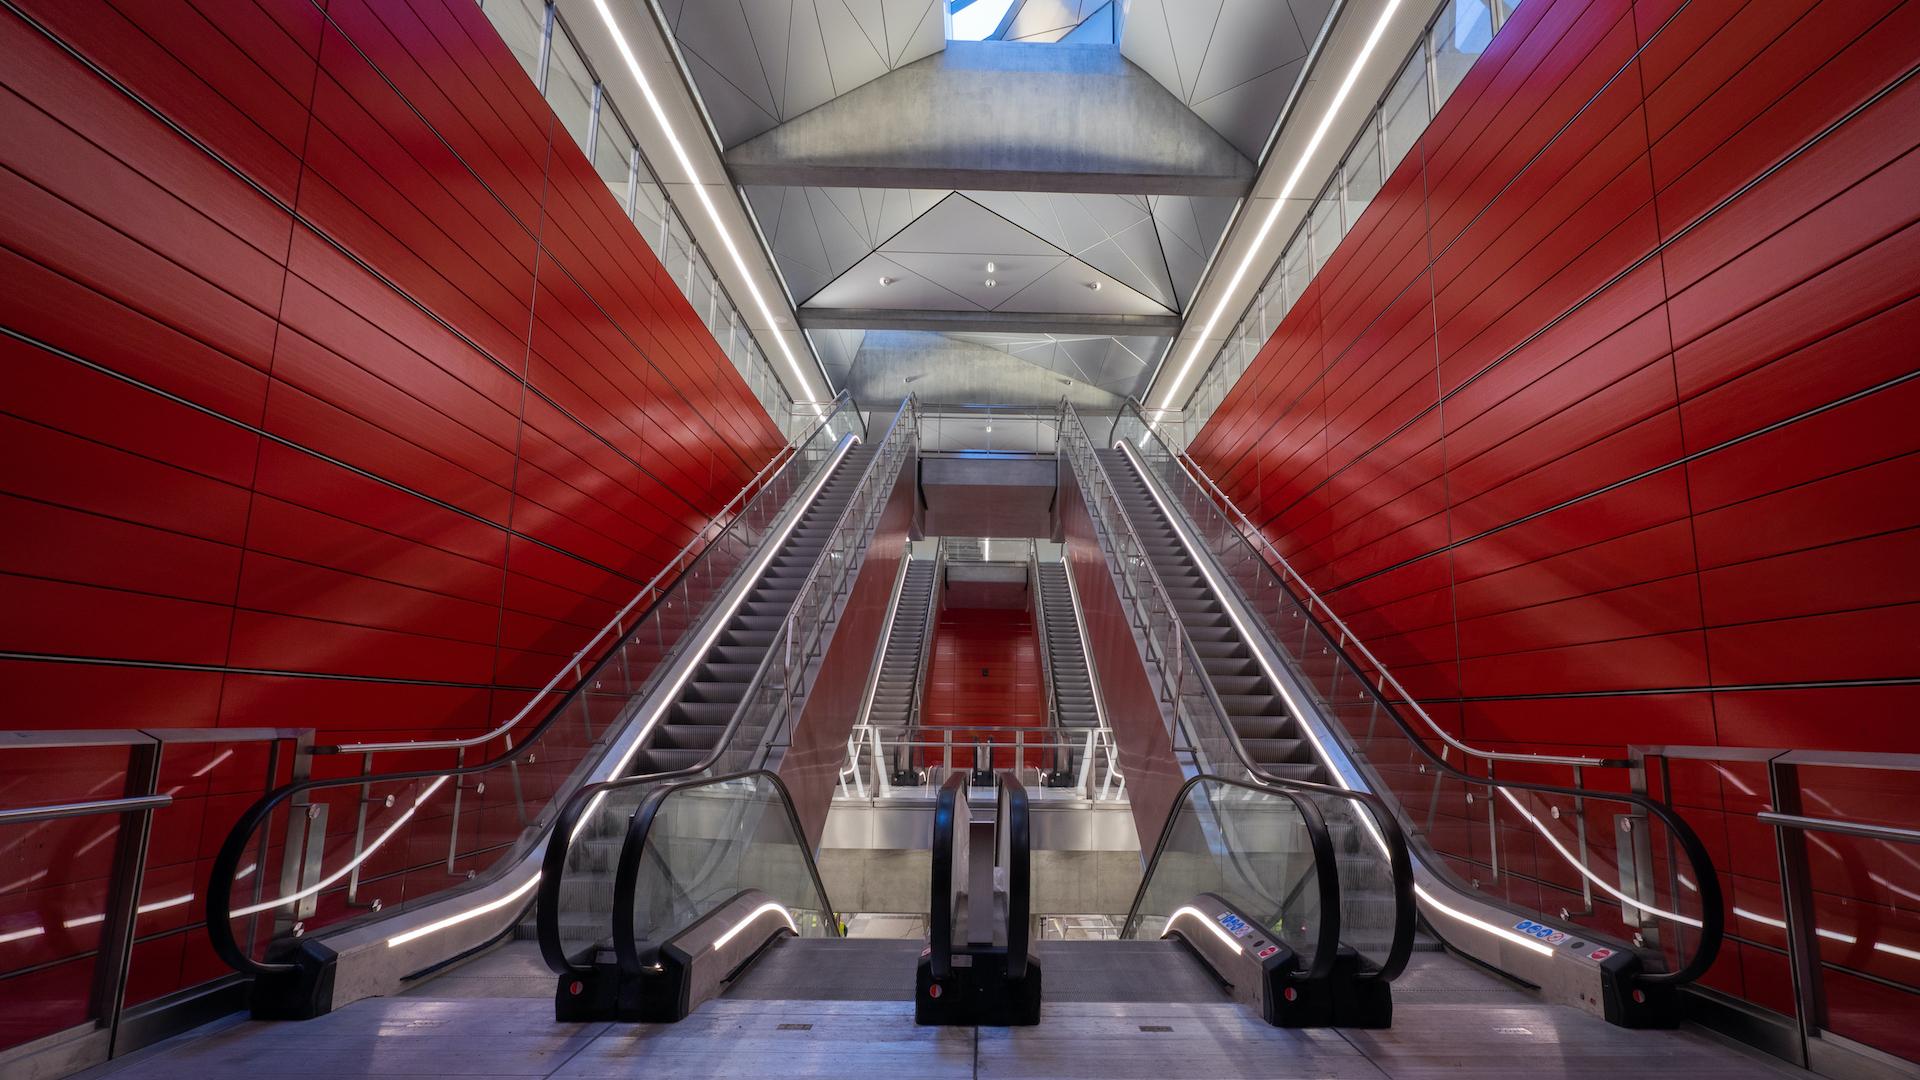 Así es el moderno nuevo sistema de subtes de Copenhague: City Ring